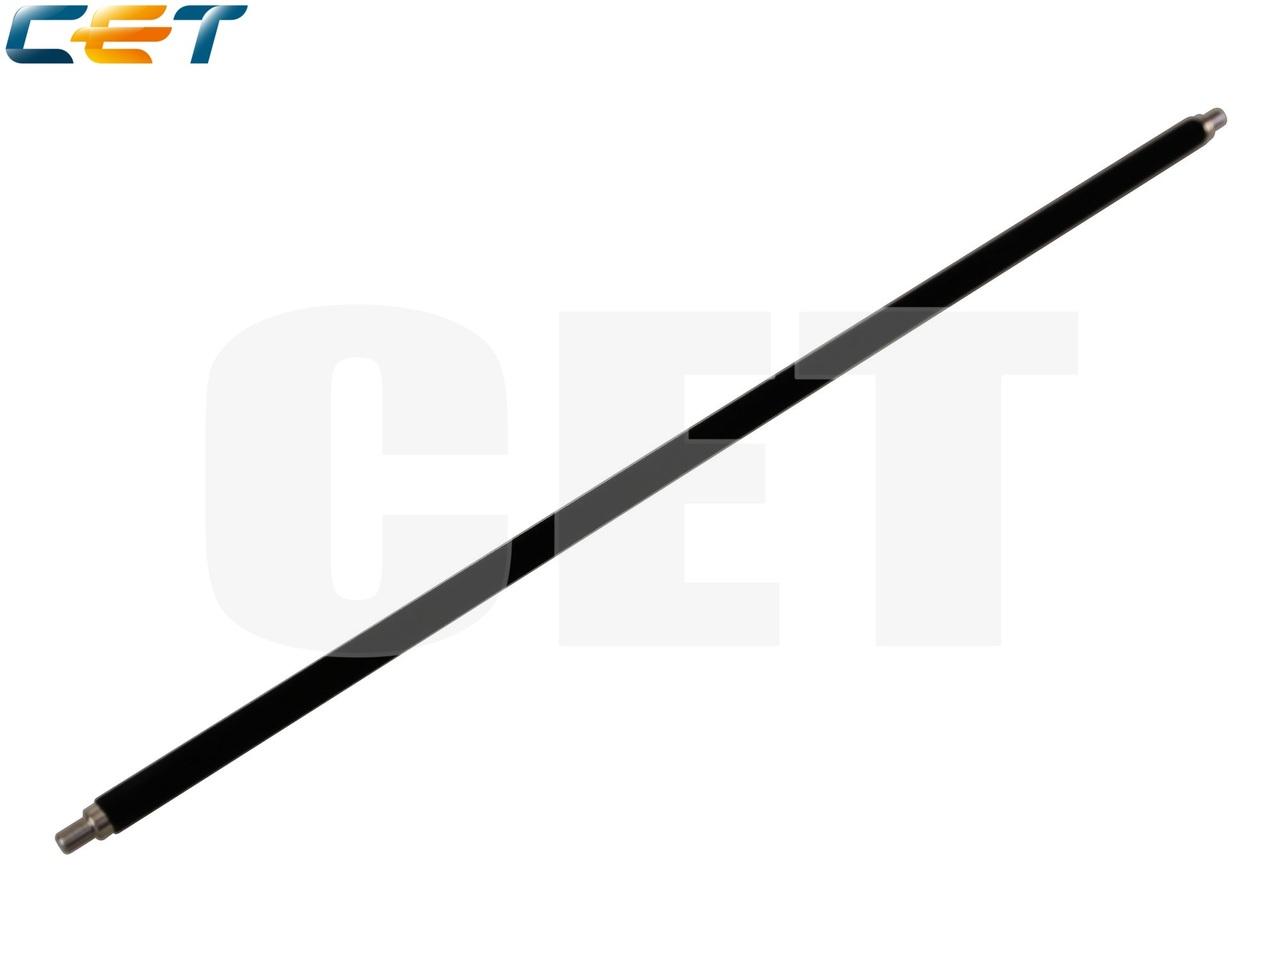 Щетка очистки AD04-2058 для RICOH Aficio 1015/1018 (CET),CET8444